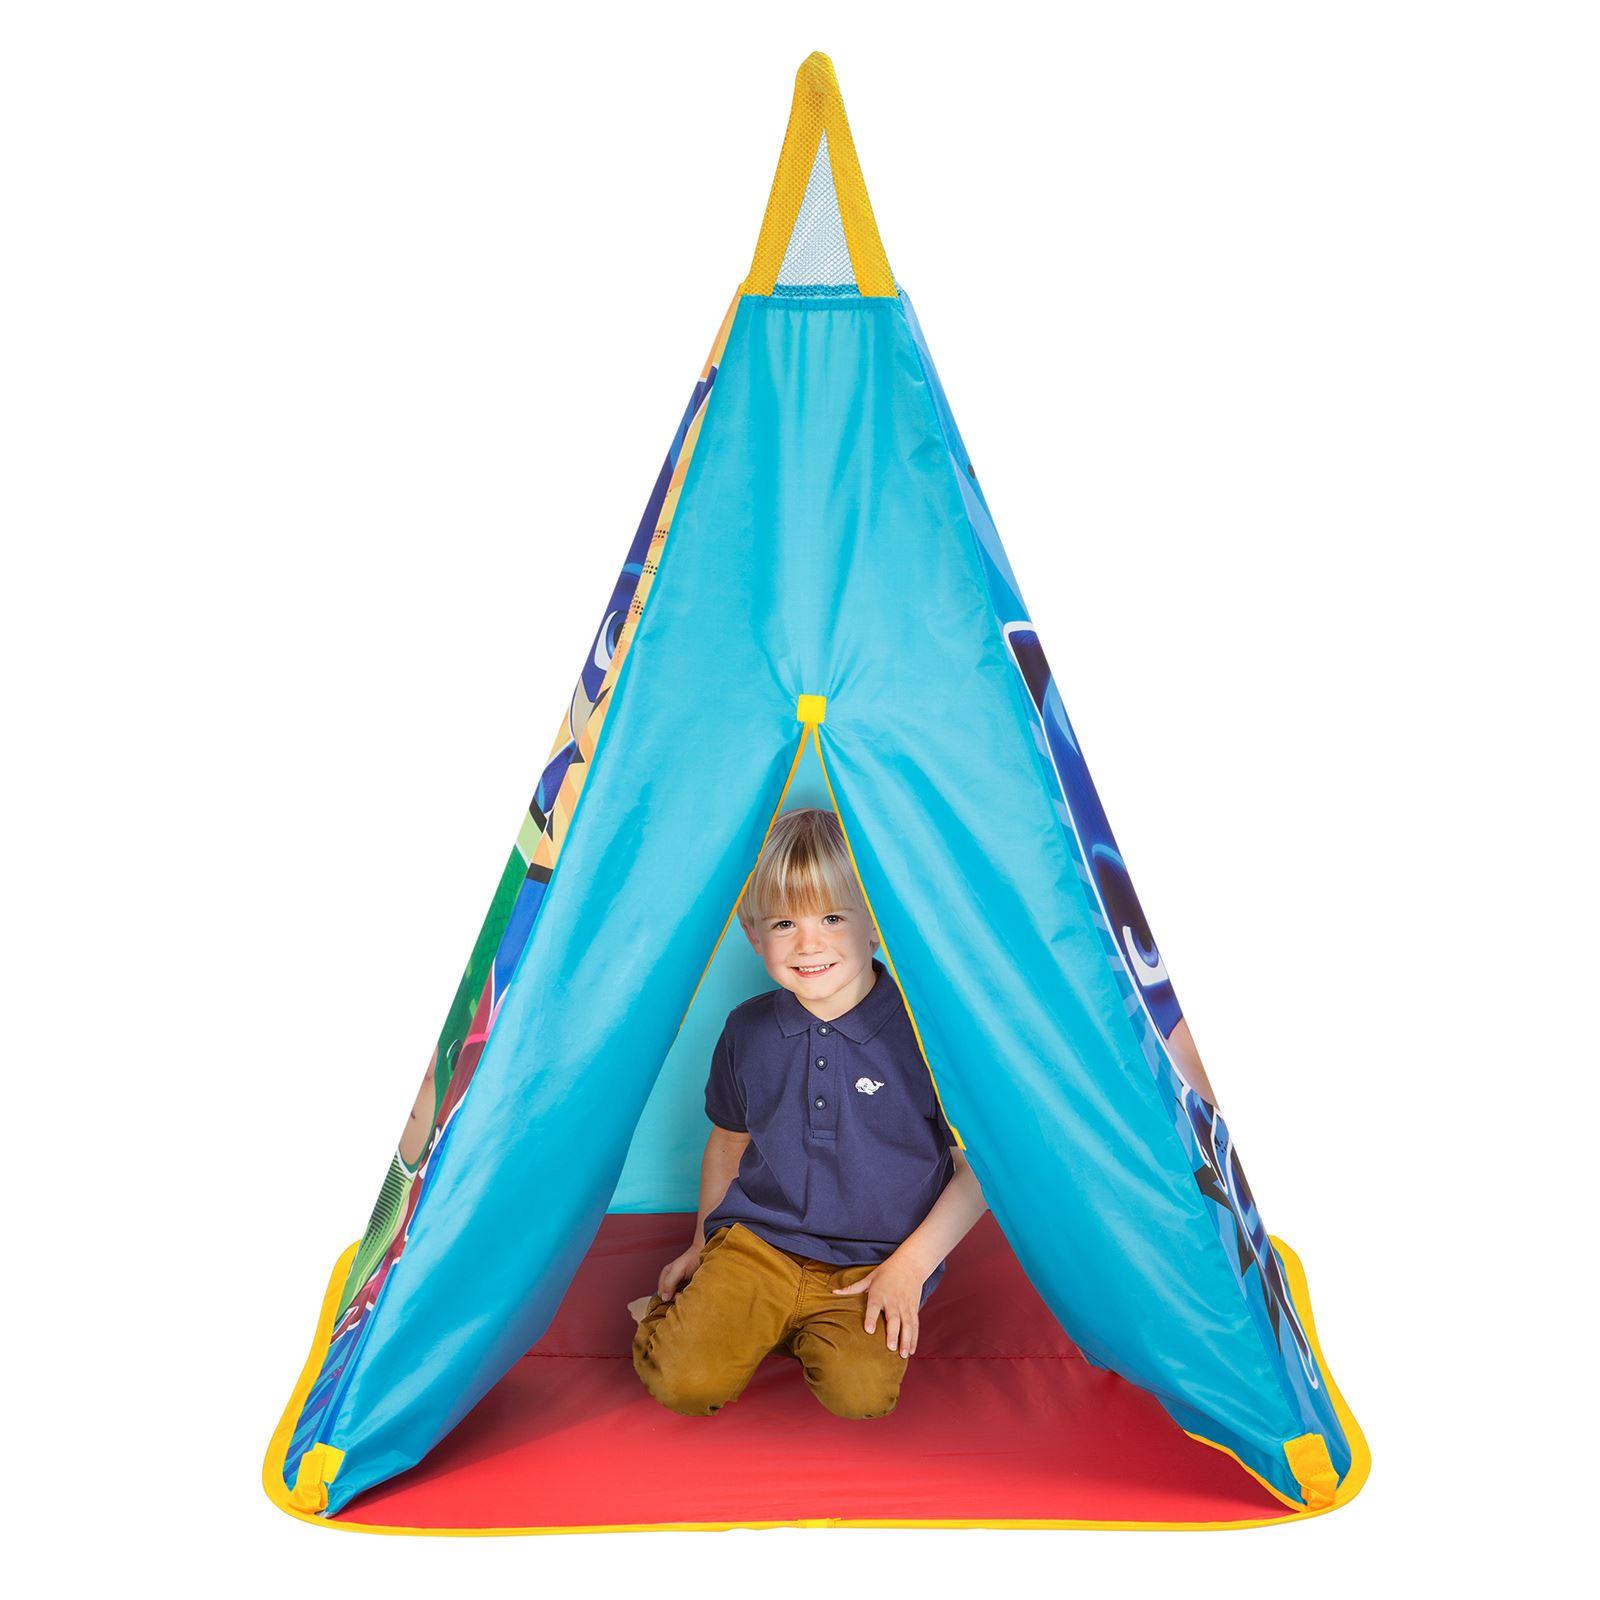 Spielzeug für draußen Pj Masken Zelt Spielzelt Innen Aussen Spaß Faltbar Blau Kinder